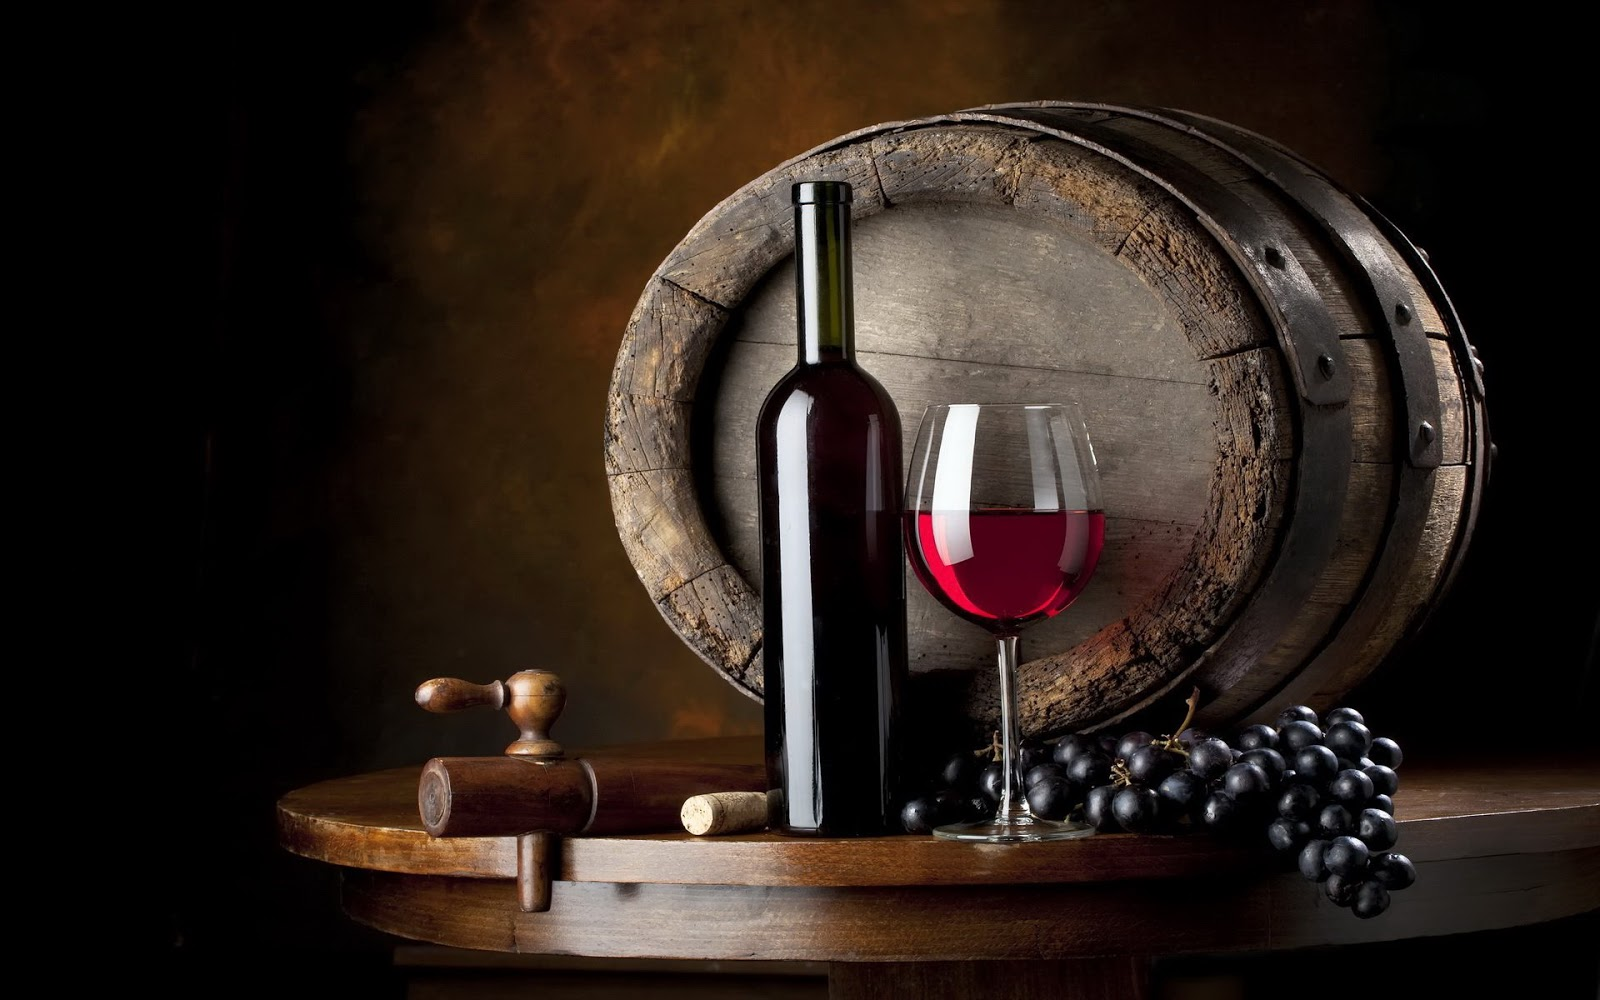 rượu ủ trong thùng gỗ sồi